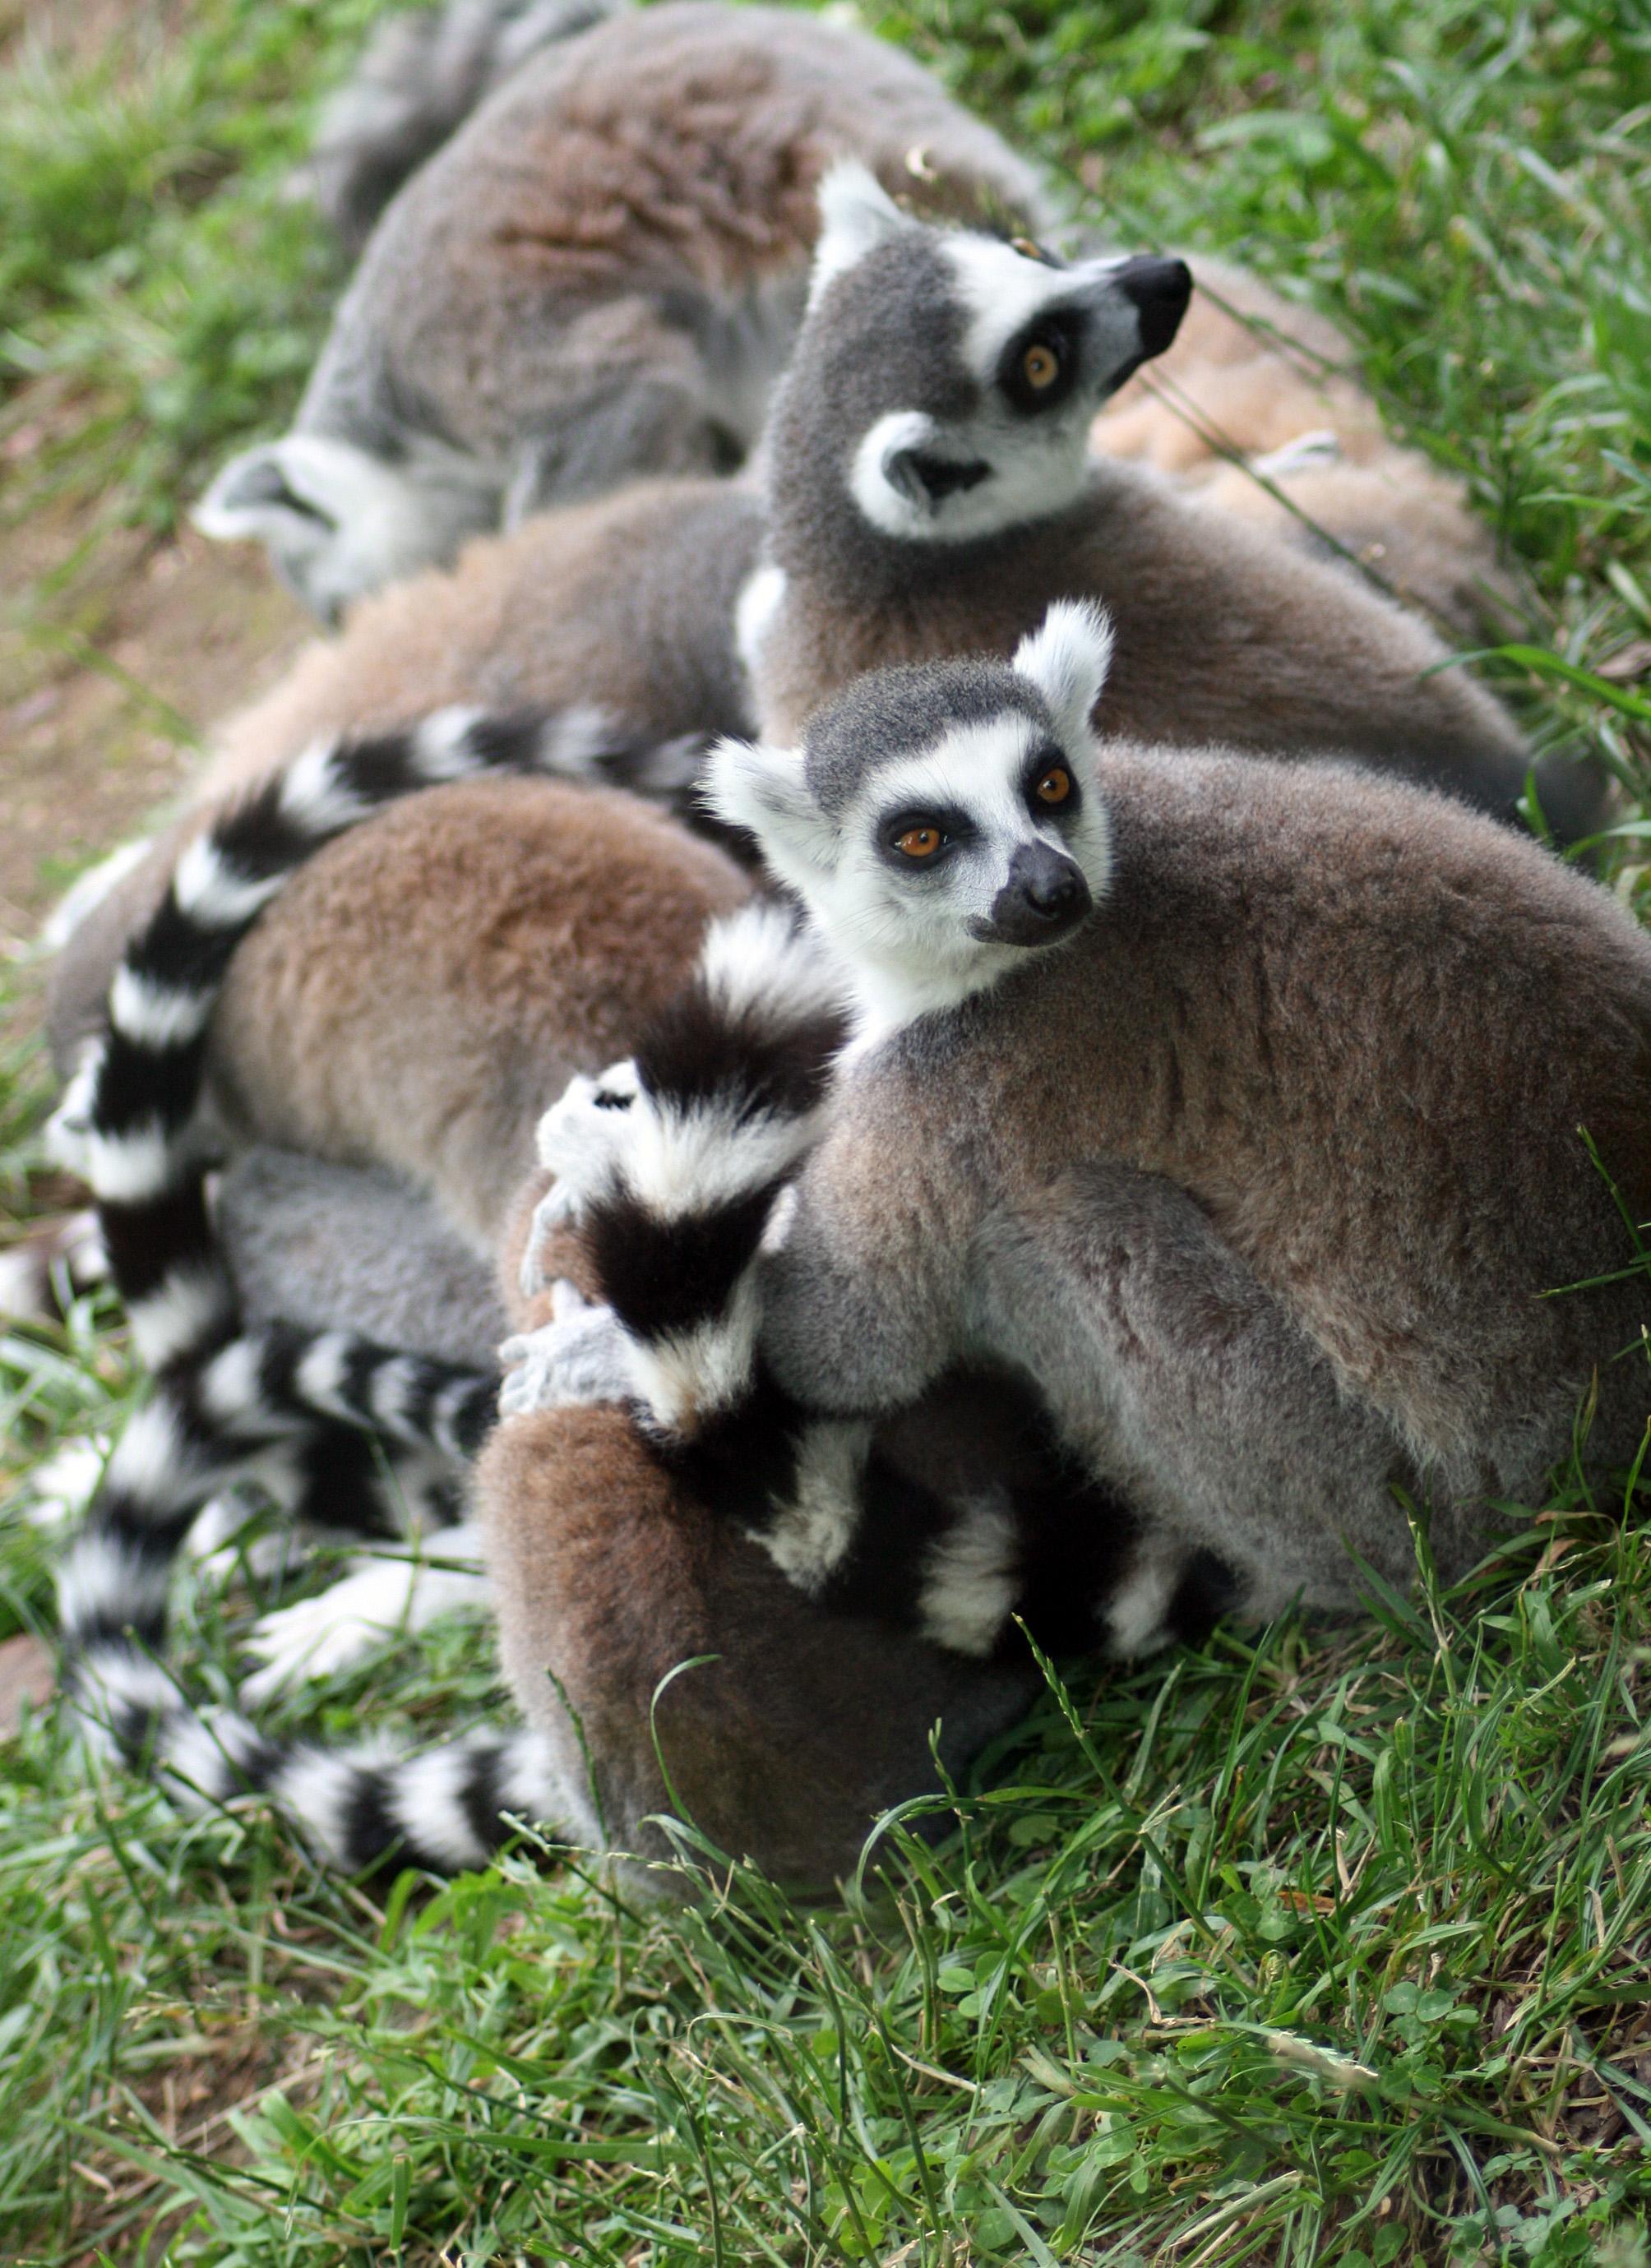 08_lemur__www-freeimages-com